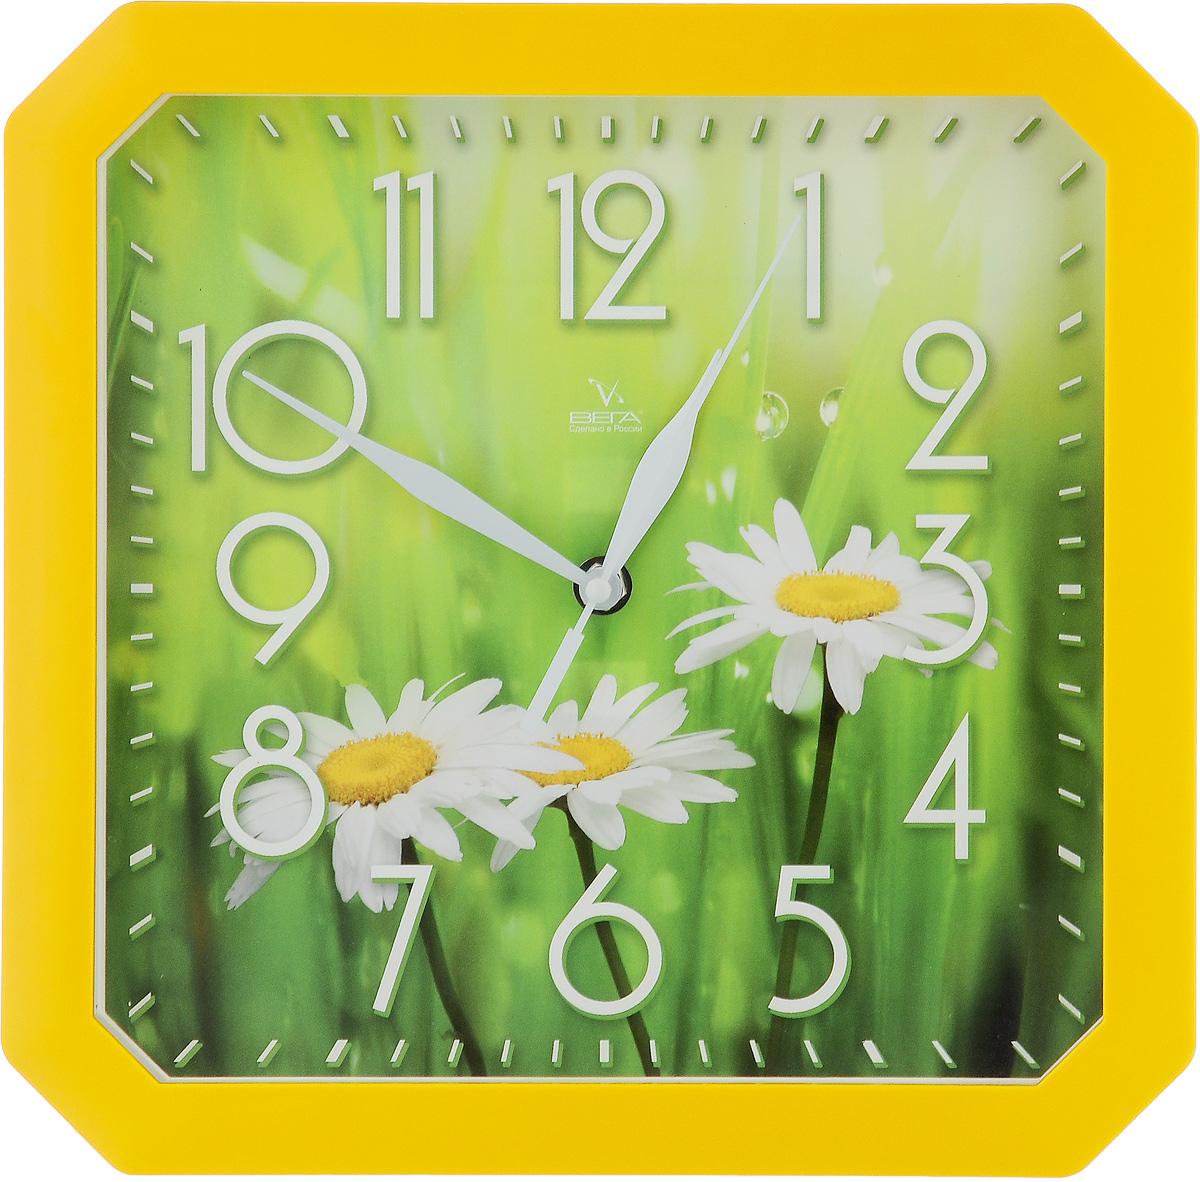 Часы настенные Вега Три ромашки, 28 х 28 х 4 смП4-2/7-84Настенные кварцевые часы Вега Три ромашки, изготовленные из пластика, прекрасно впишутся в интерьервашего дома. Часы имеют три стрелки: часовую,минутную и секундную, циферблат защищен прозрачным стеклом.Часы работают от 1 батарейки типа АА напряжением 1,5 В (не входит в комплект).